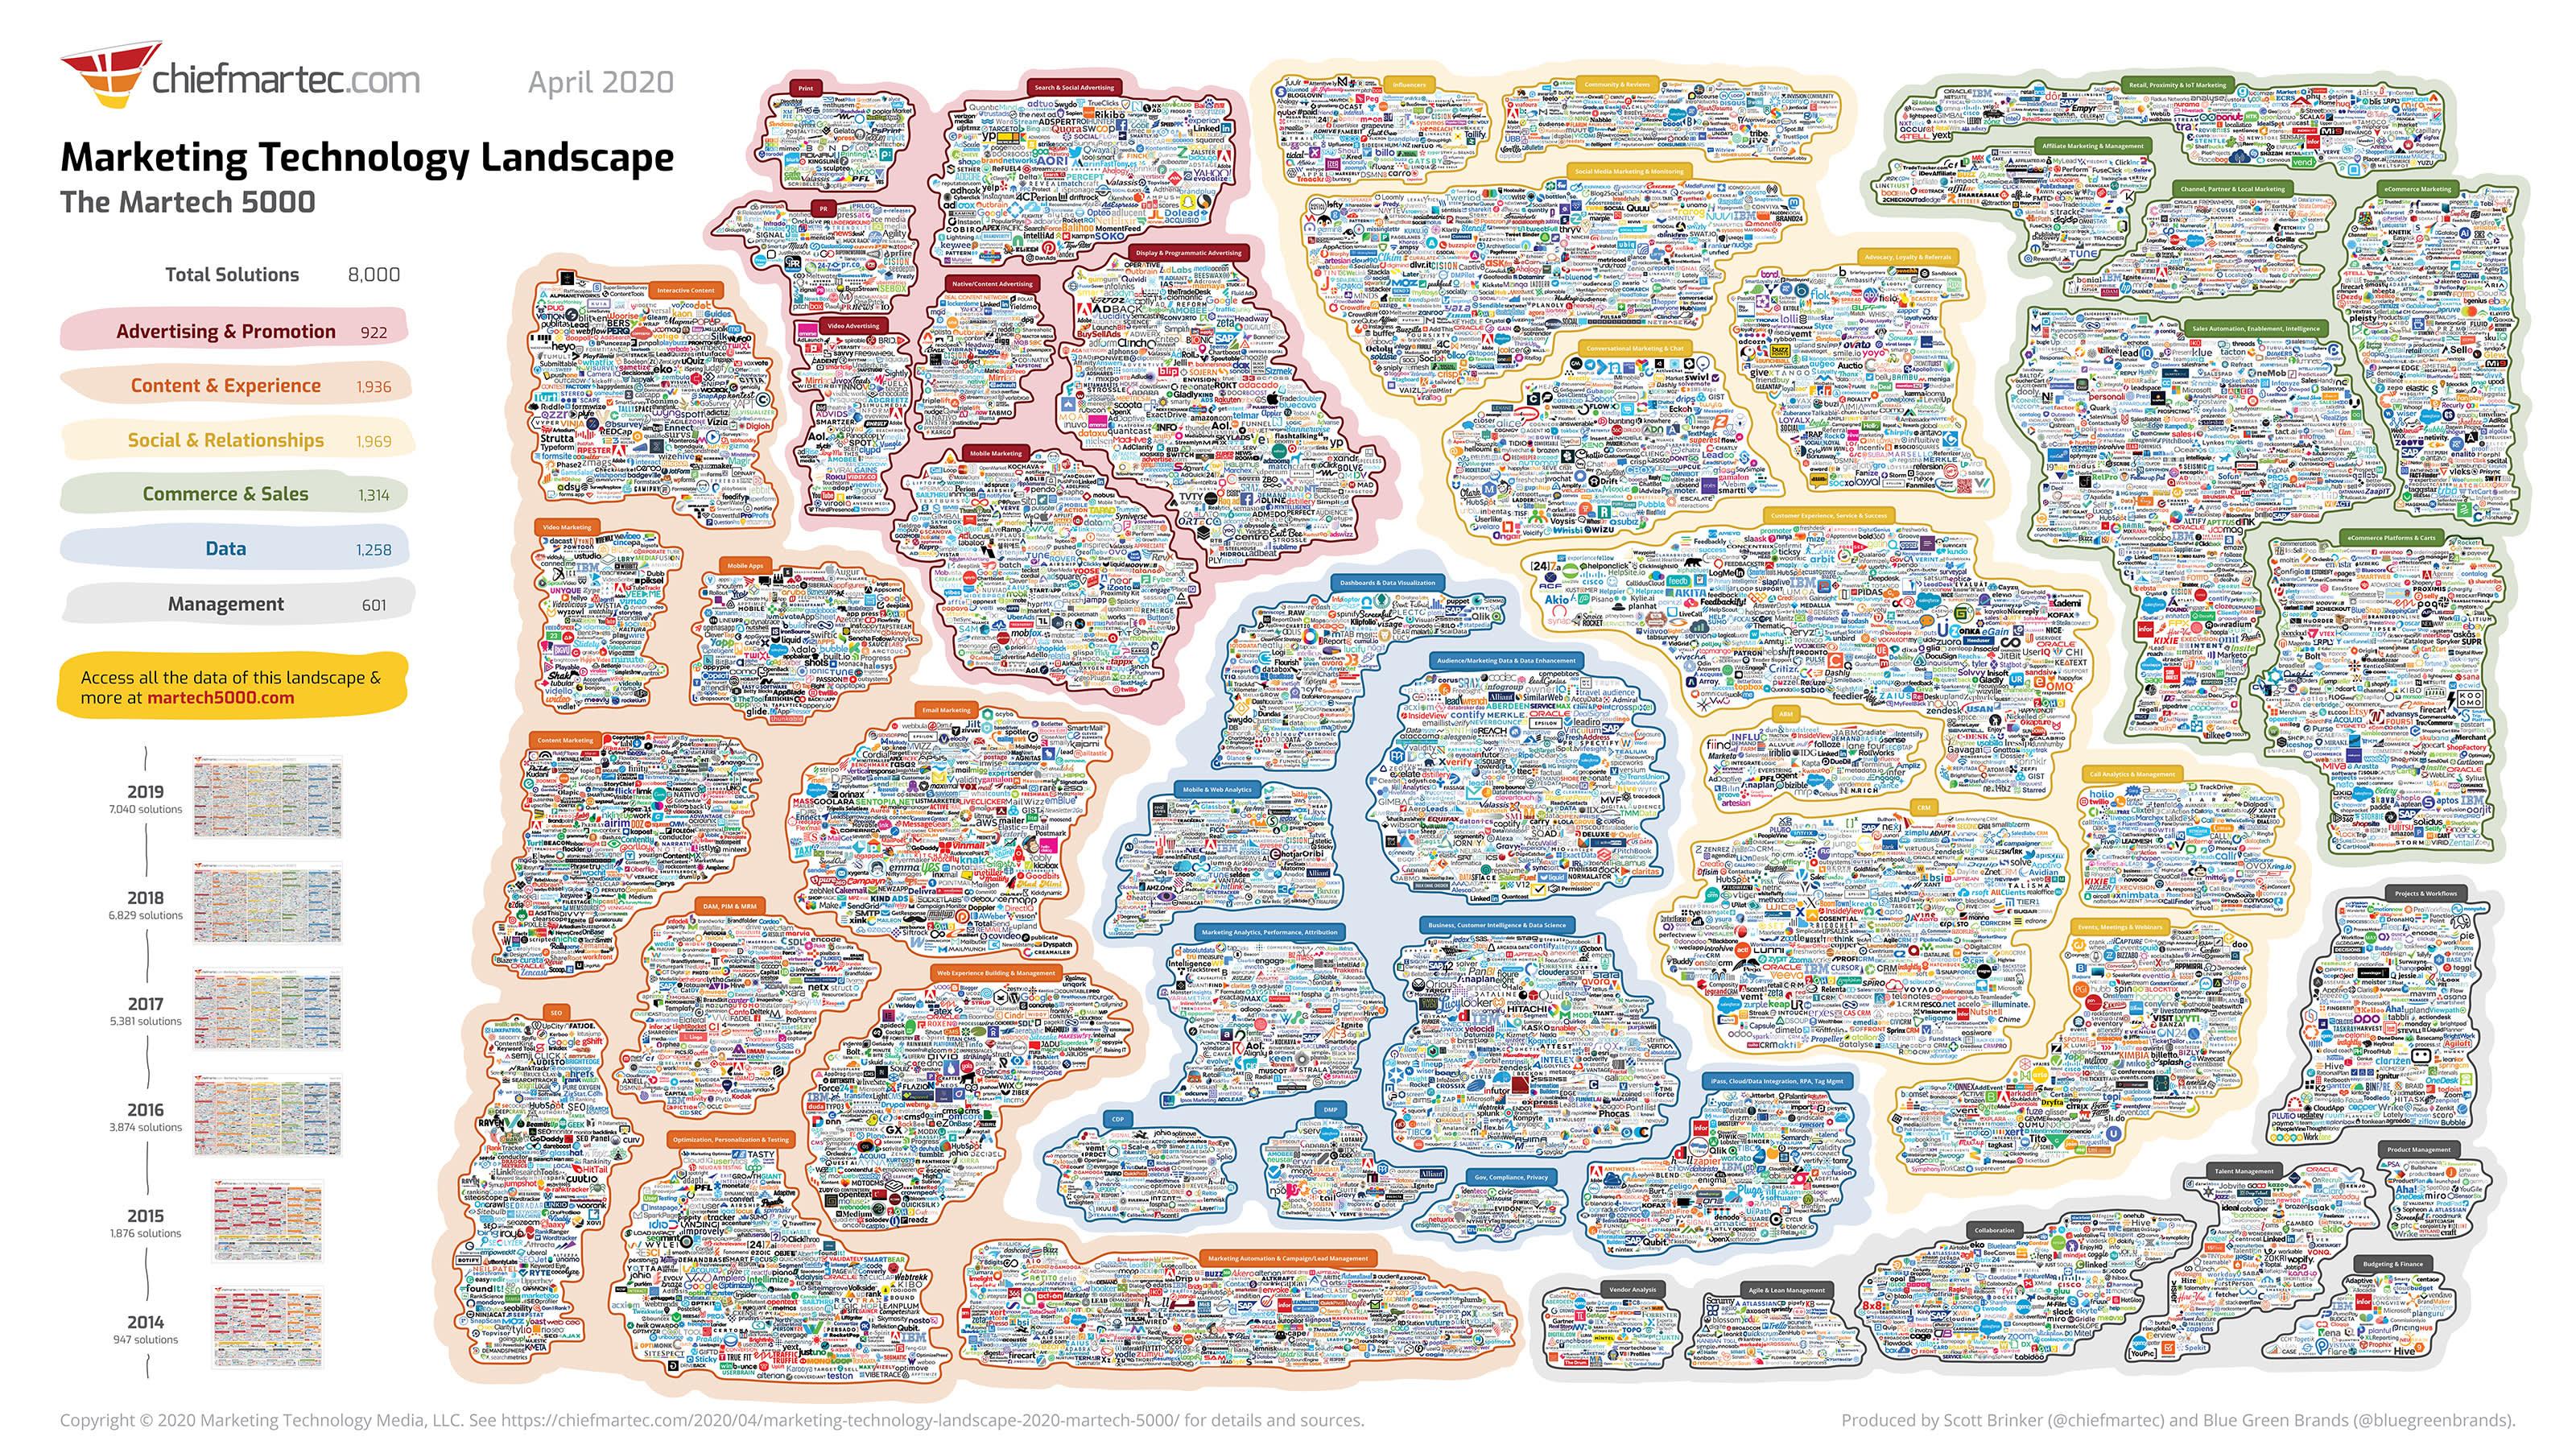 マーケティングの各分野を専門とする企業の数千もの極小ロゴが詰まったモンタージュ (chiefmartec.com から)